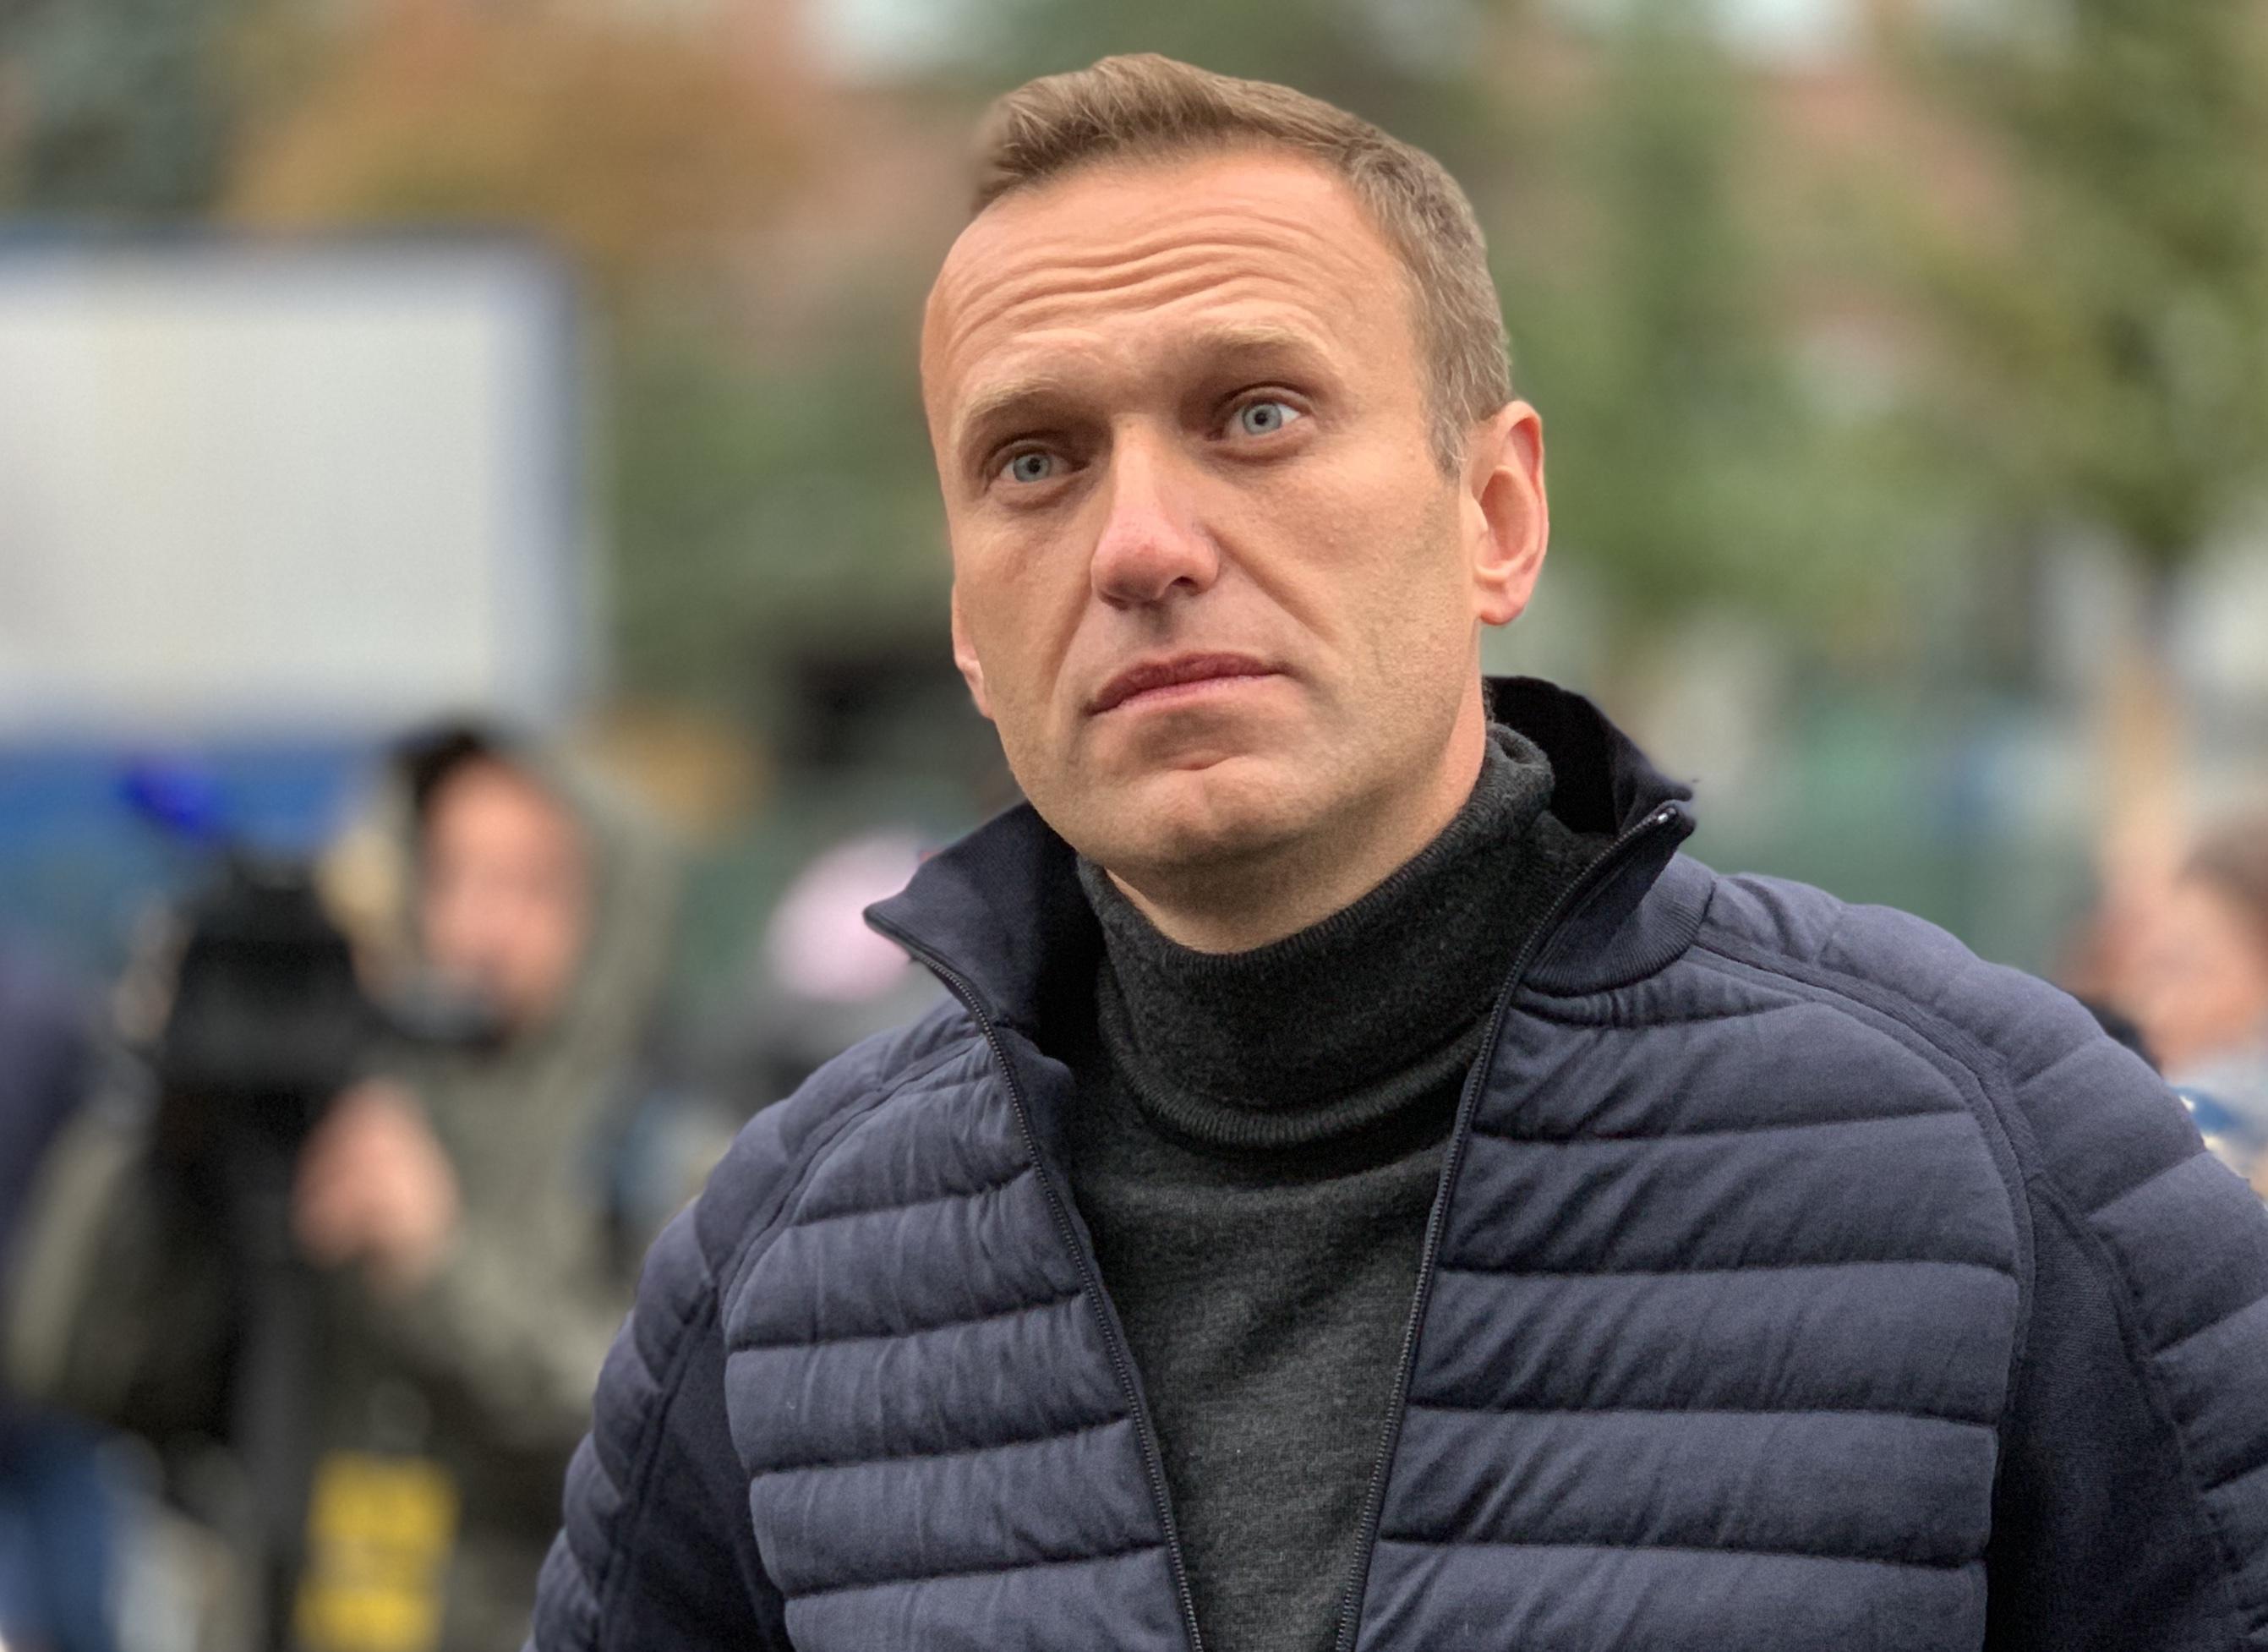 Суд приостановил дело против Навального из-за его проблем со здоровьем